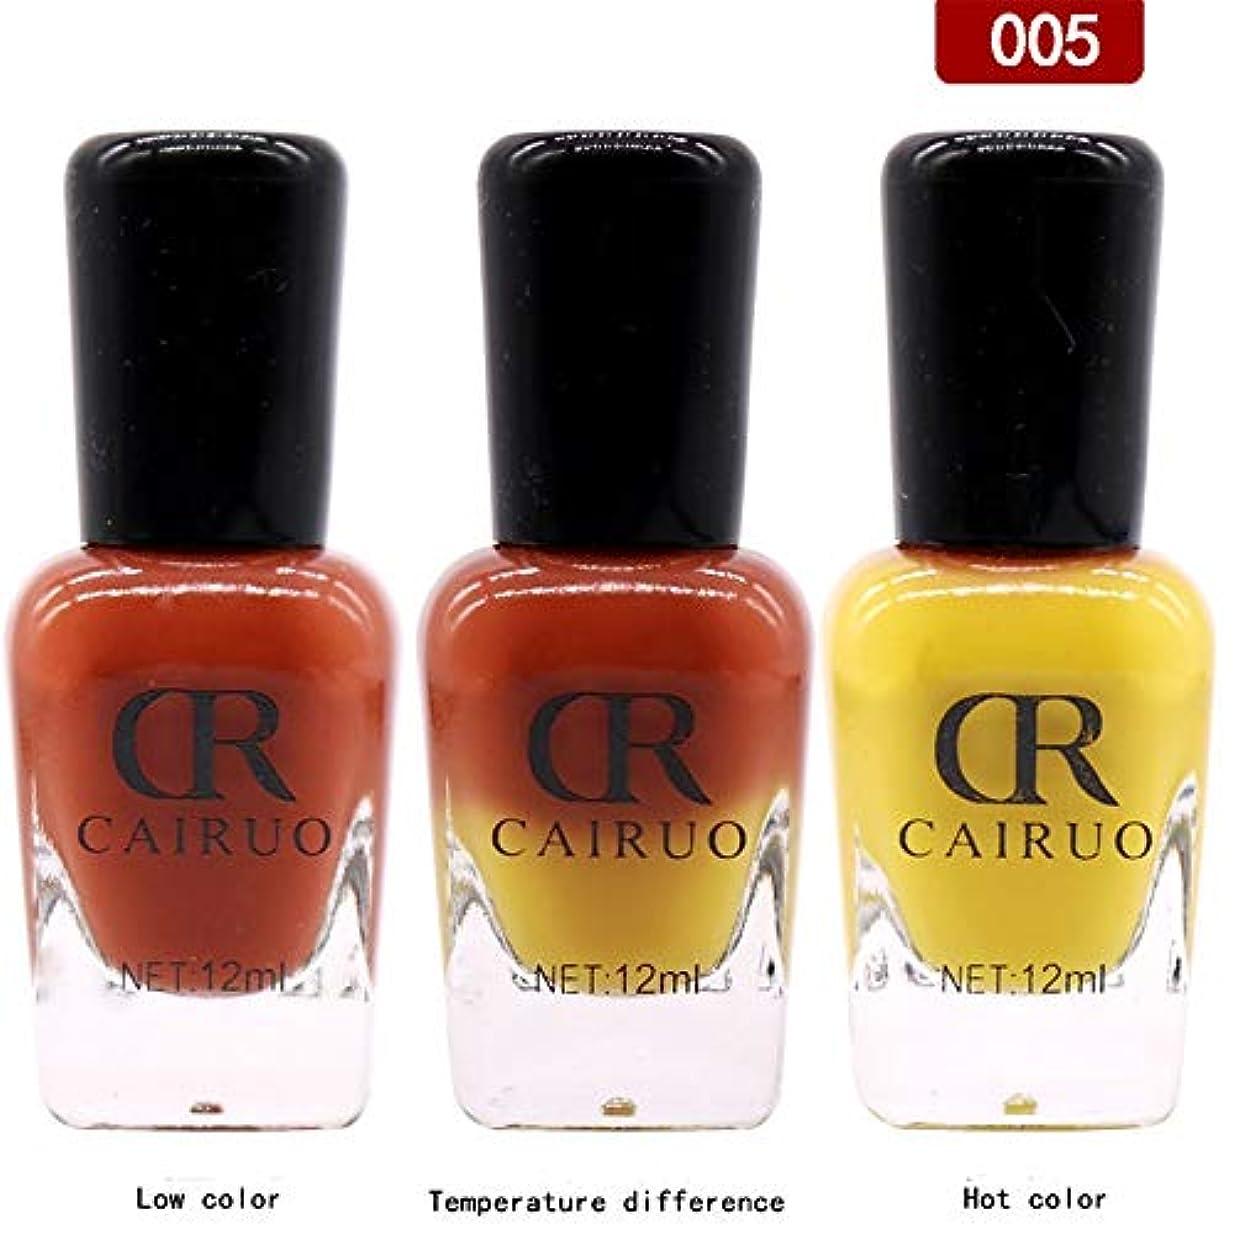 カラージェル 温度により色が変化 カメレオンジェルネイル 剥離可能 ネイルアート 12ml/本 (005)